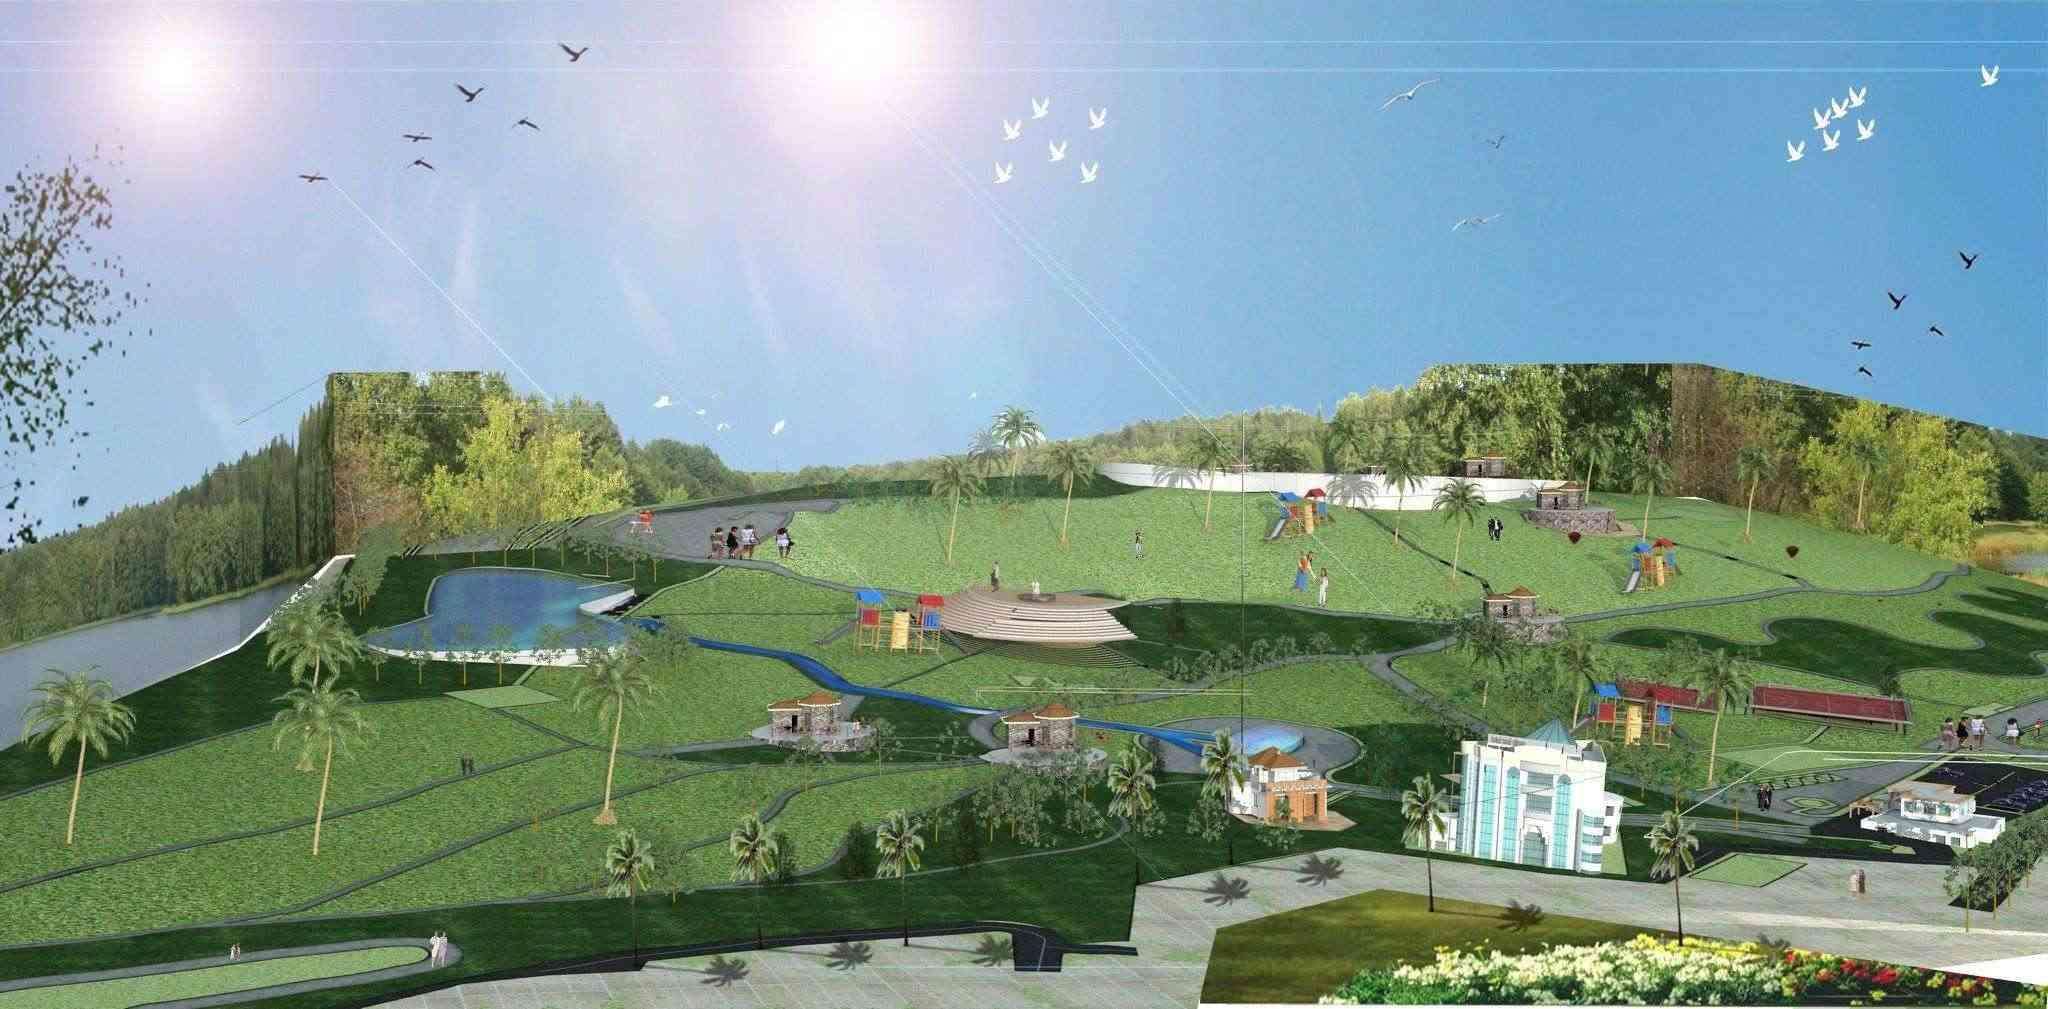 Le parc citadin d'El Bordj SAIDA Plan_n11